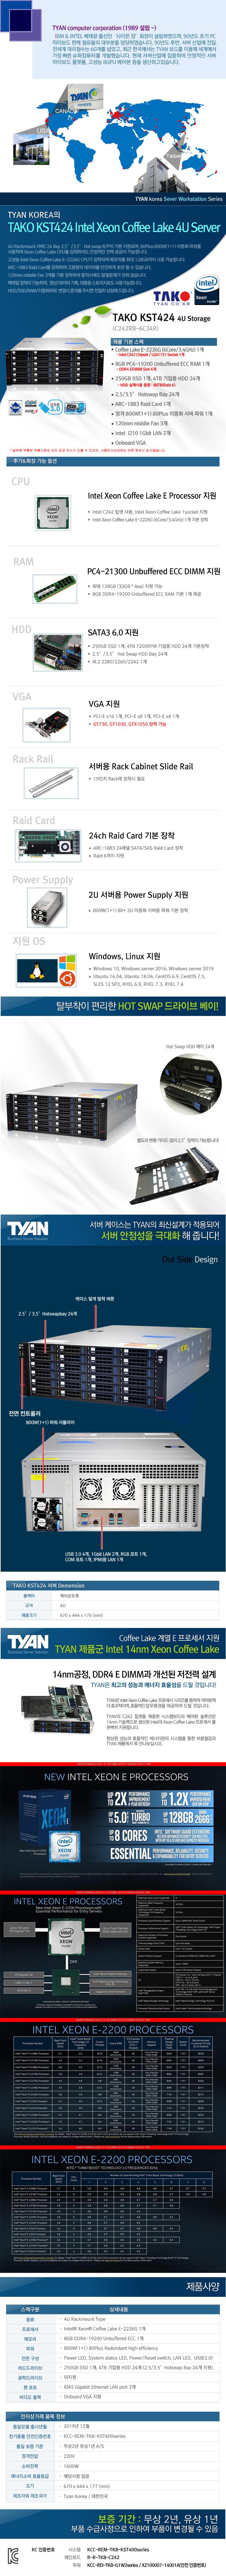 TYAN TAKO-KST424-(C242R8-6C34R) (8GB, SSD 250GB + 88TB)